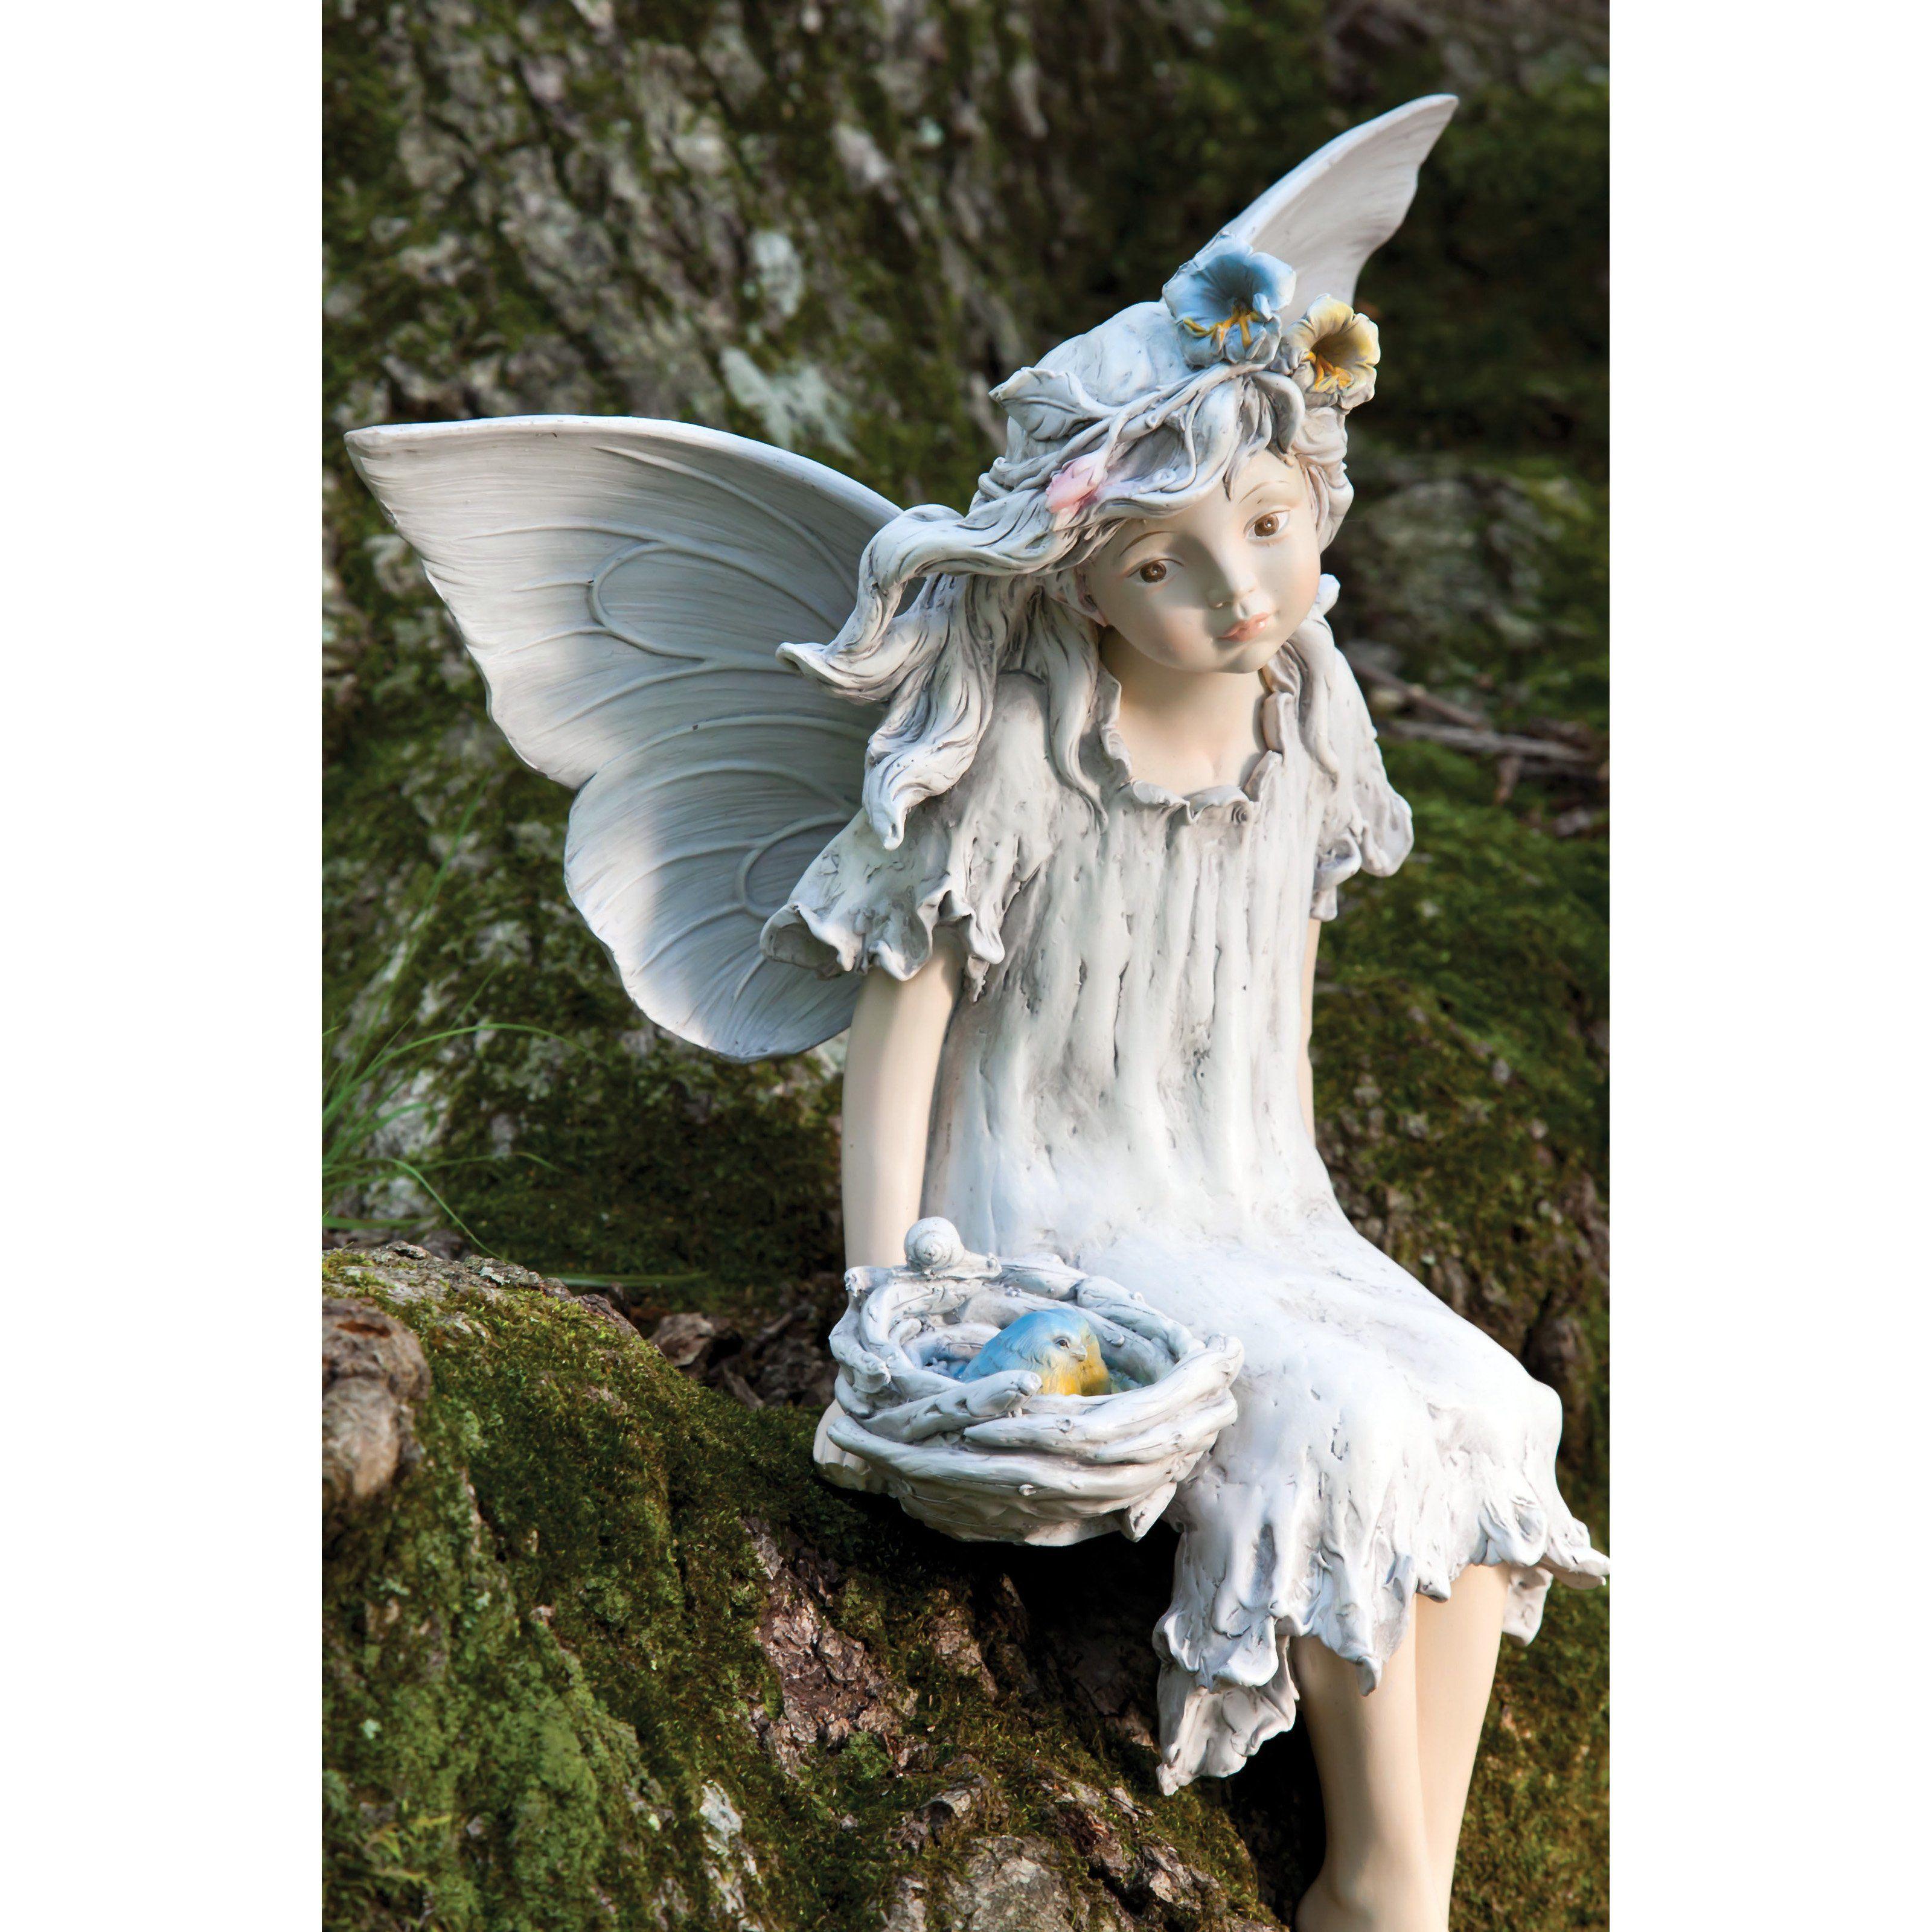 скульптура фея для сада своими руками фото боль